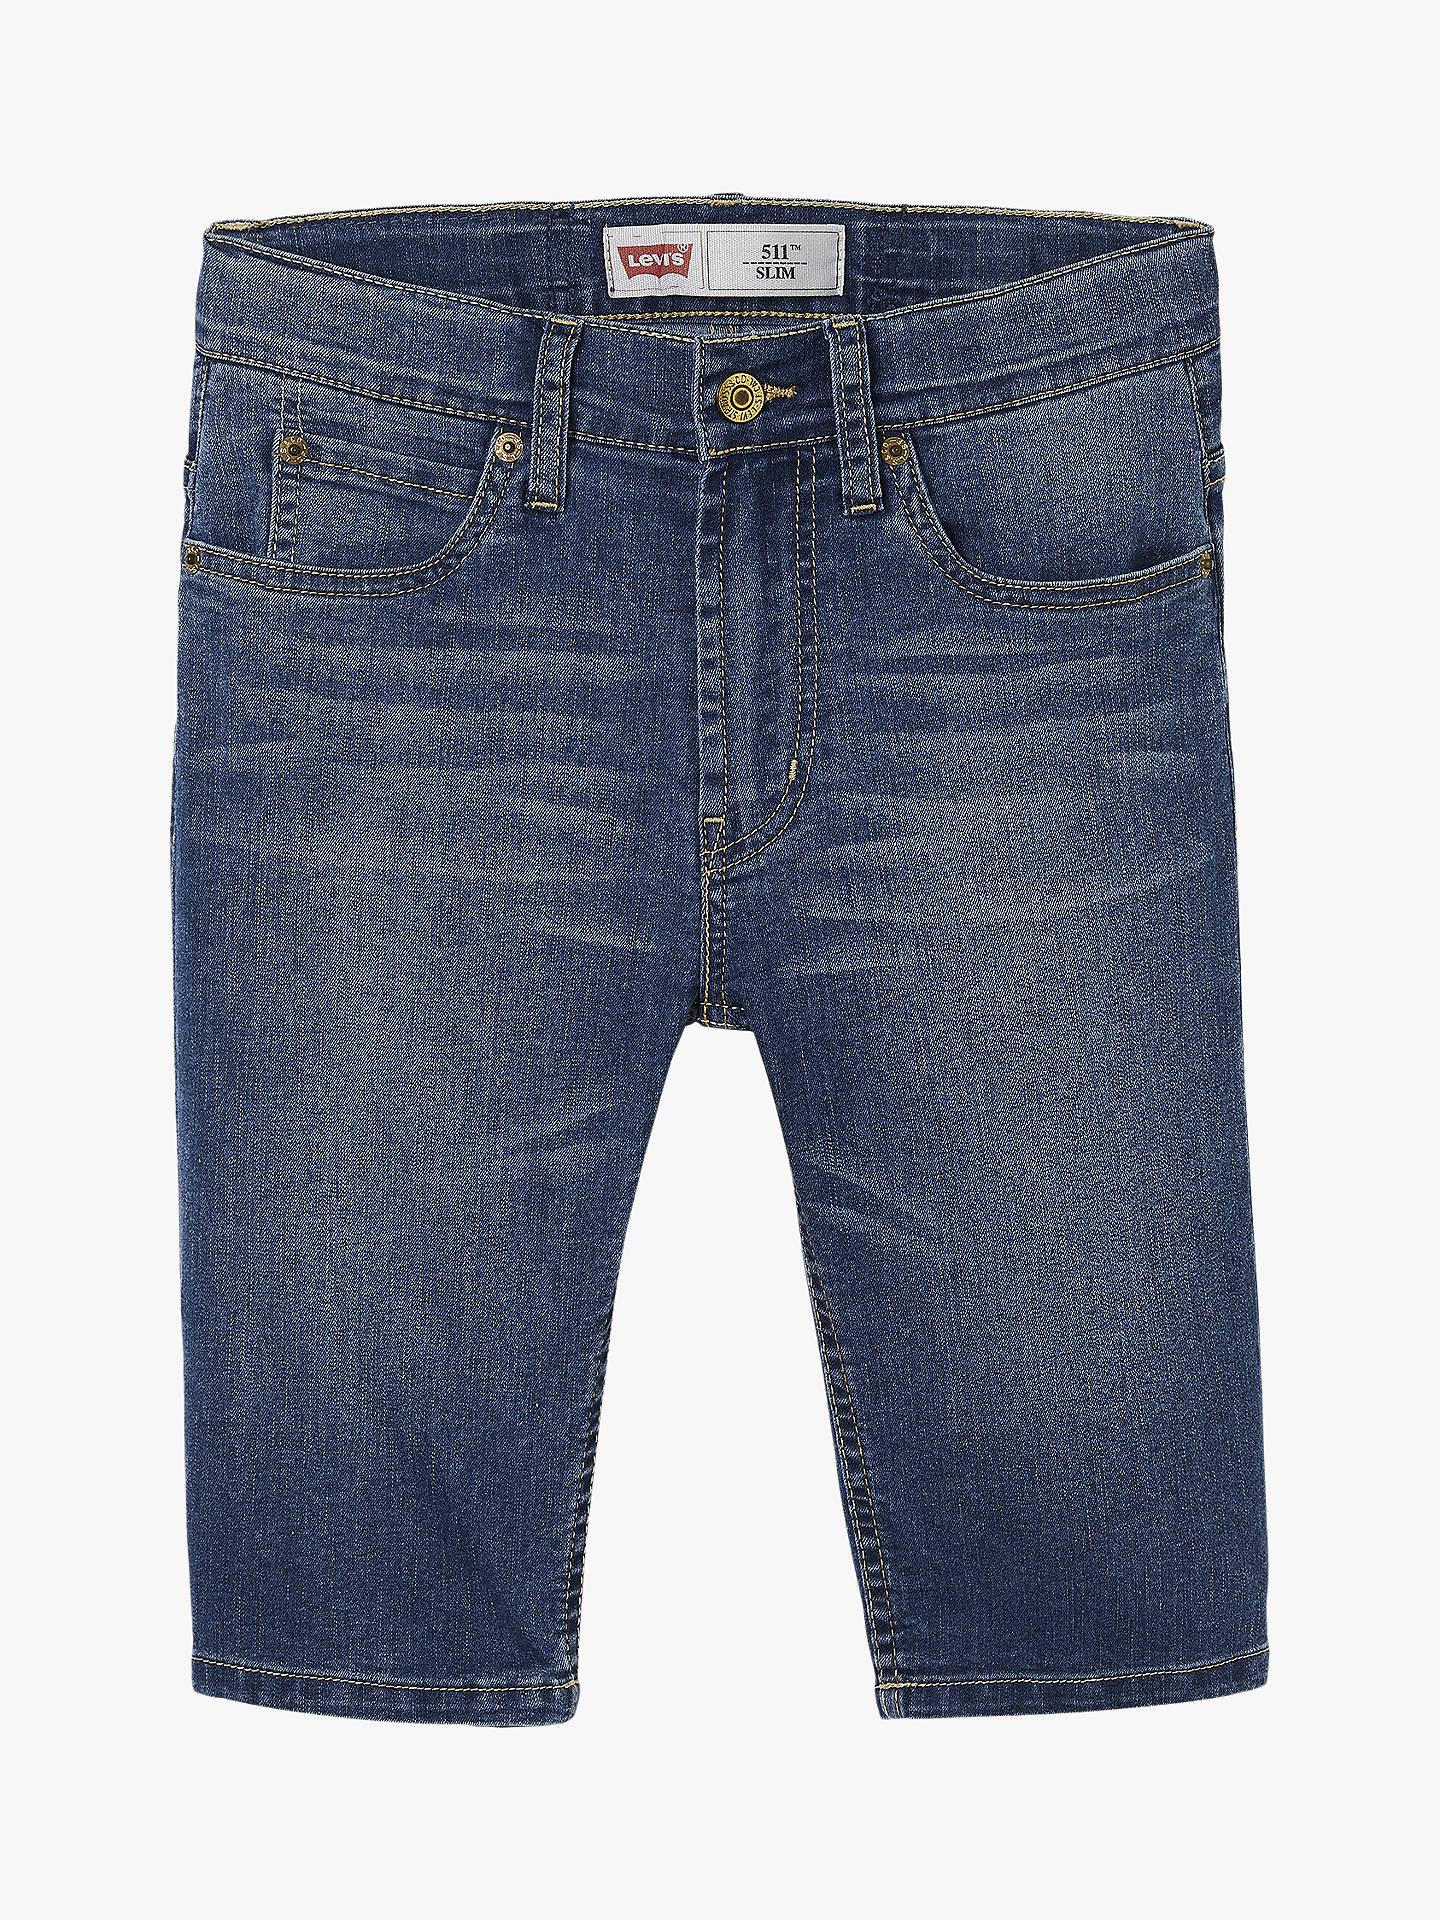 b3d5c704b Buy Levi's Boys' 511 Denim Slim Bermuda Shorts, Indigo, 6 years Online at  ...